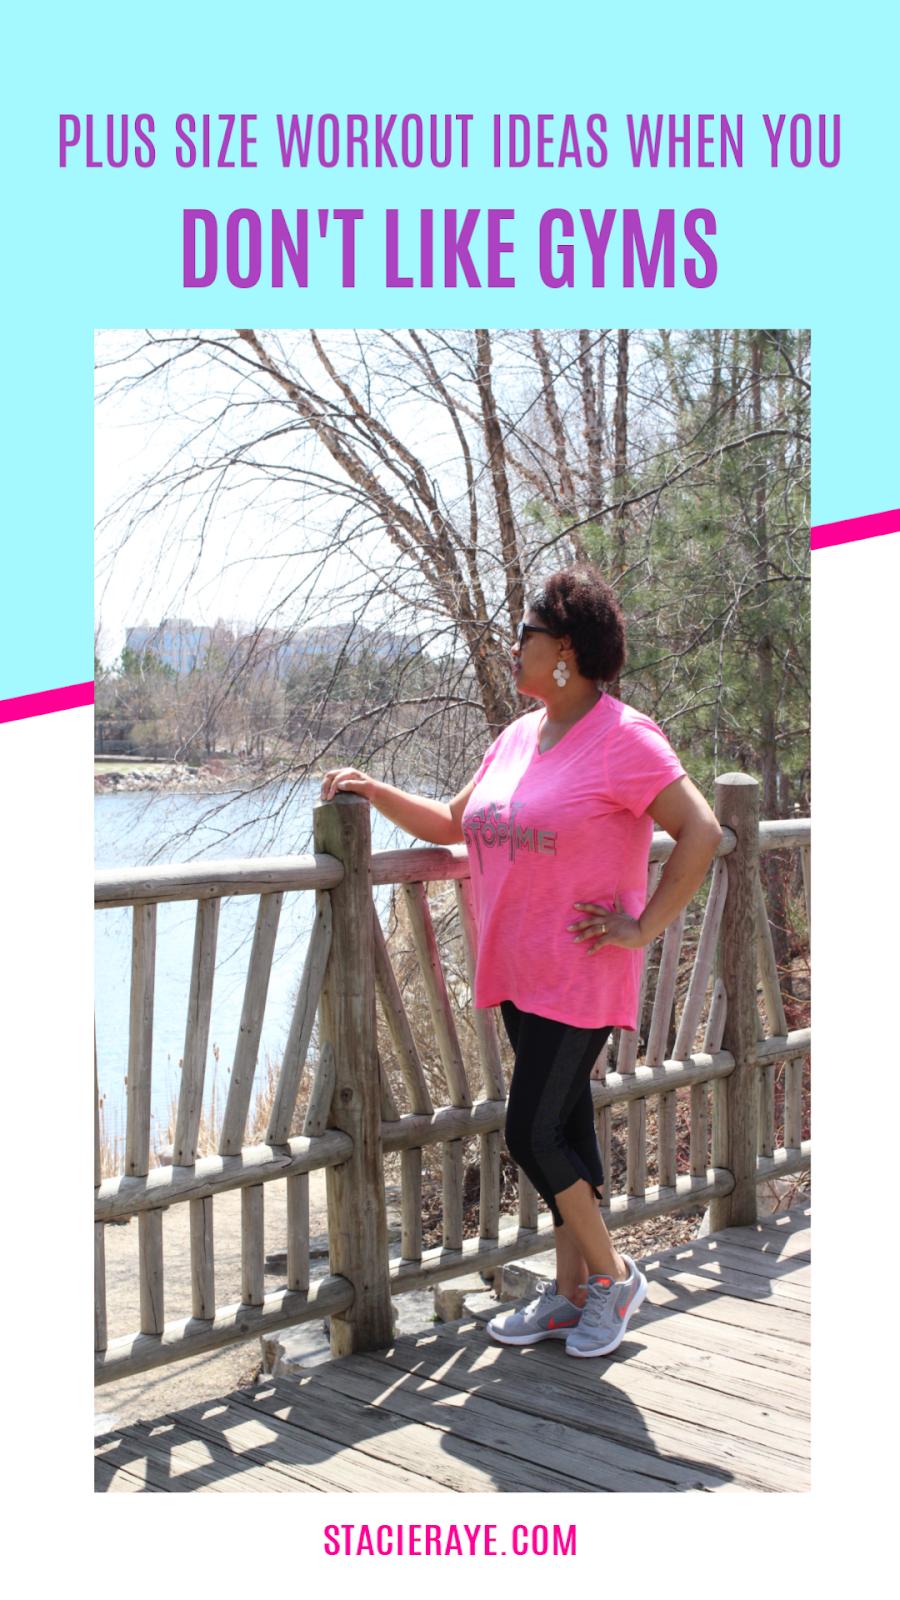 a woman standing next to a bridge